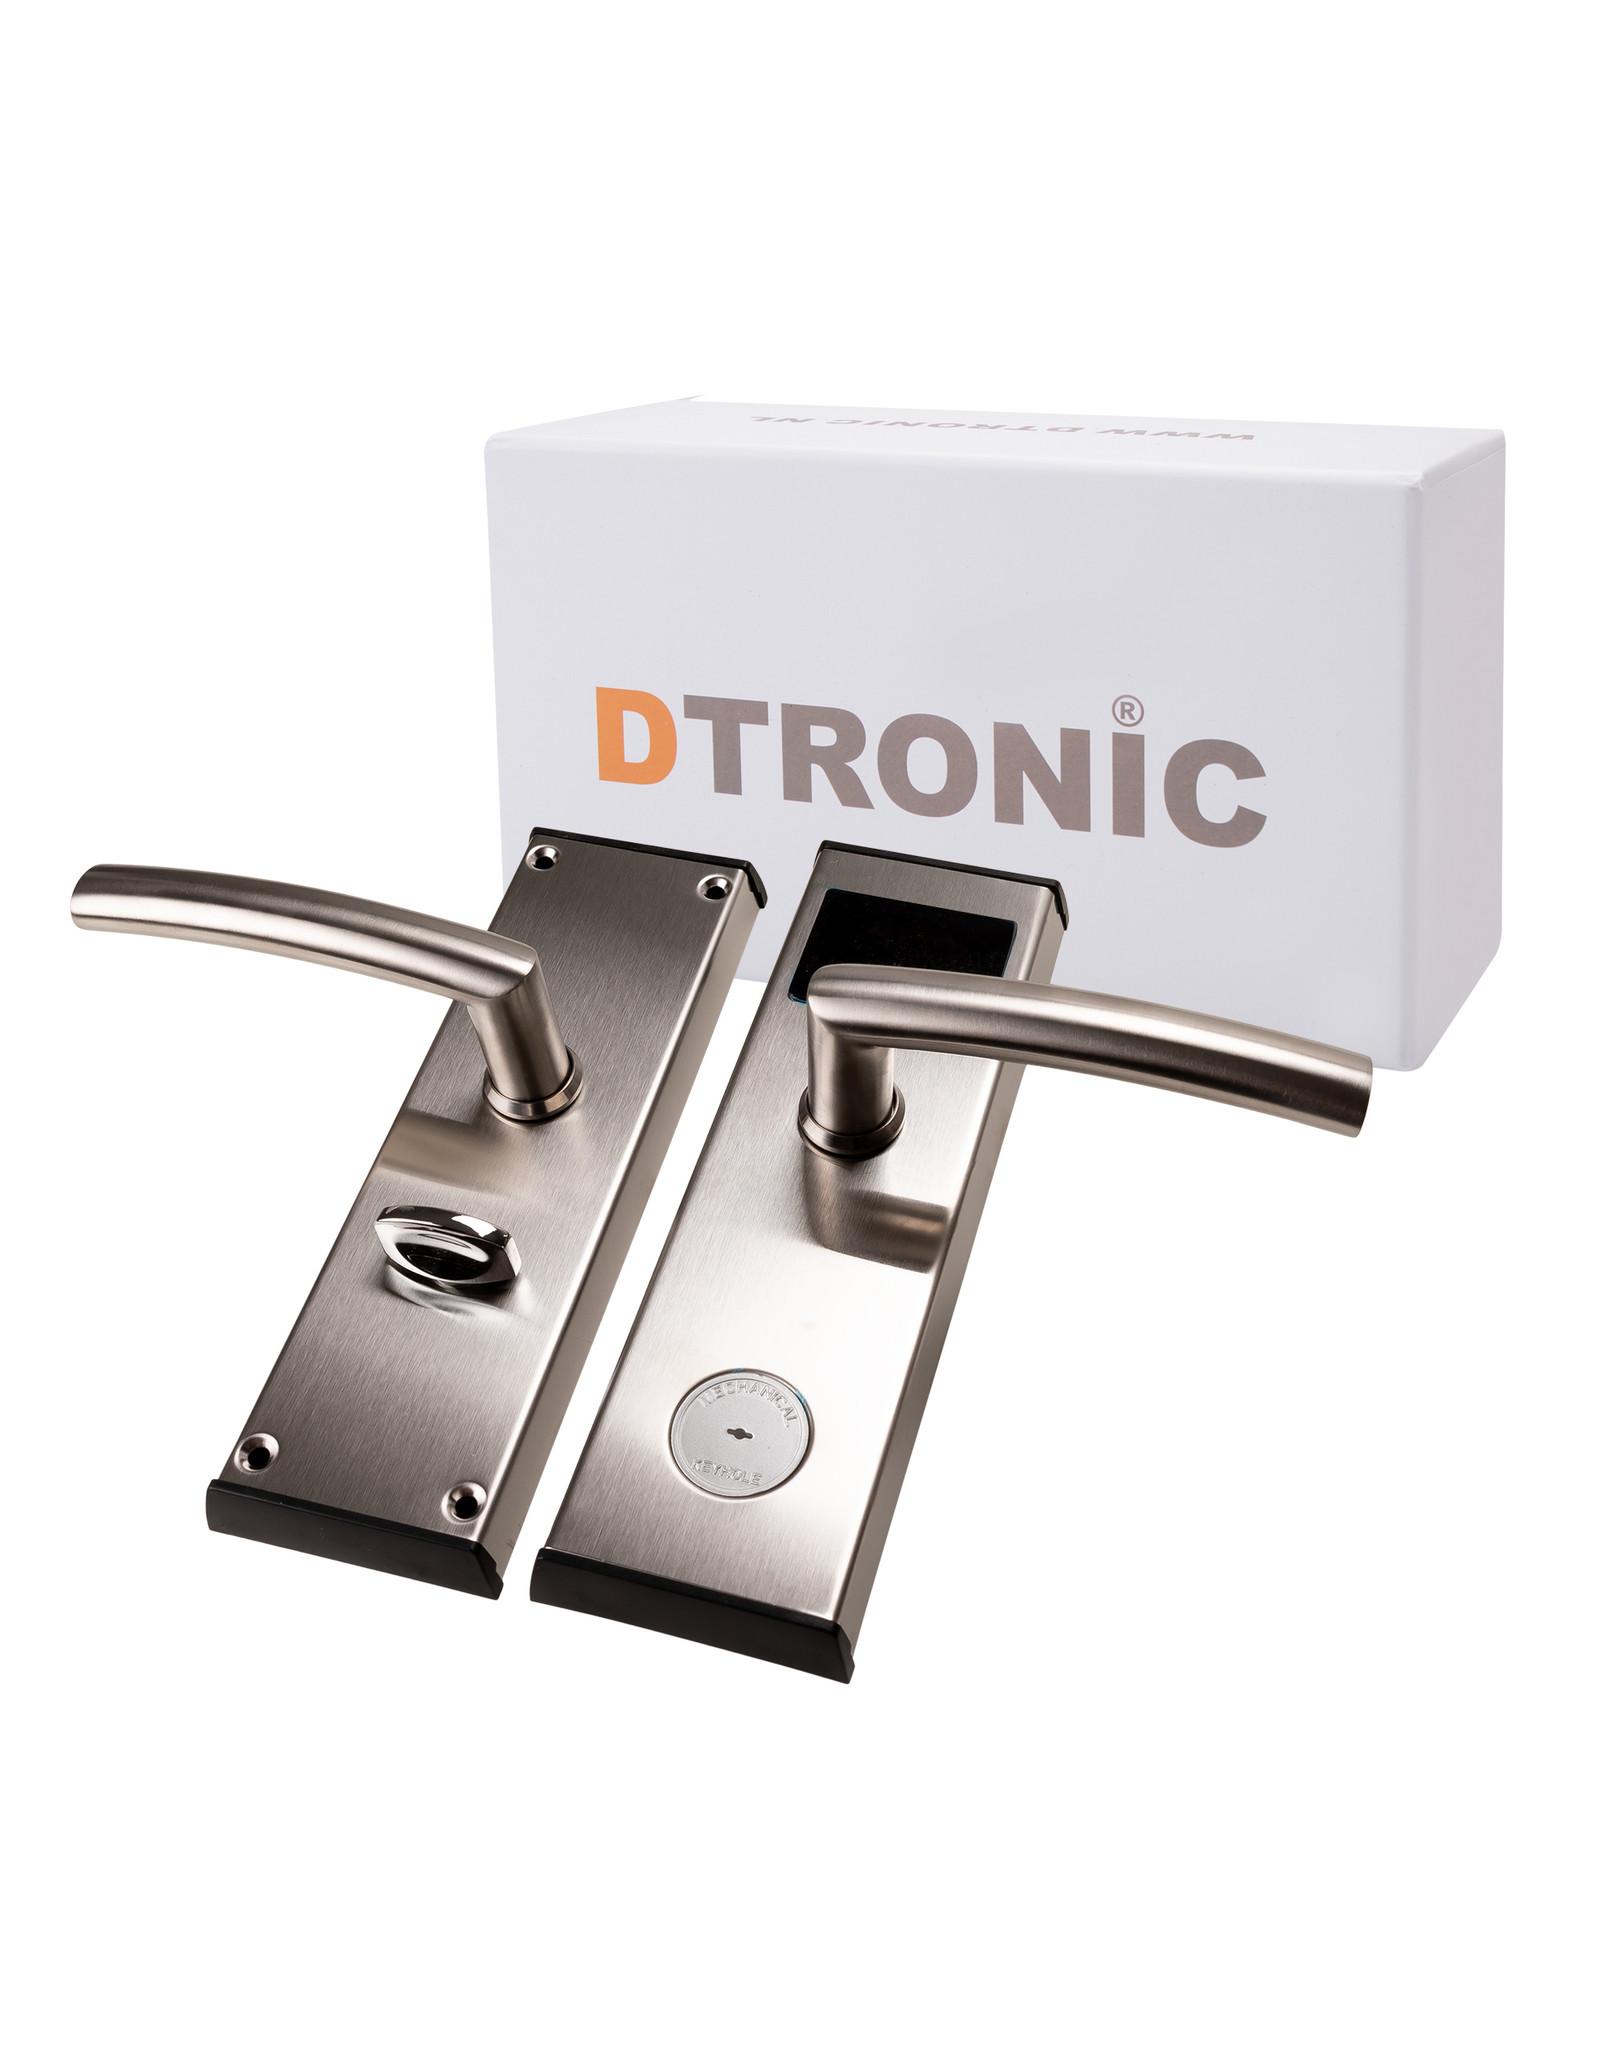 DTRONIC DTRONIC - 118ES